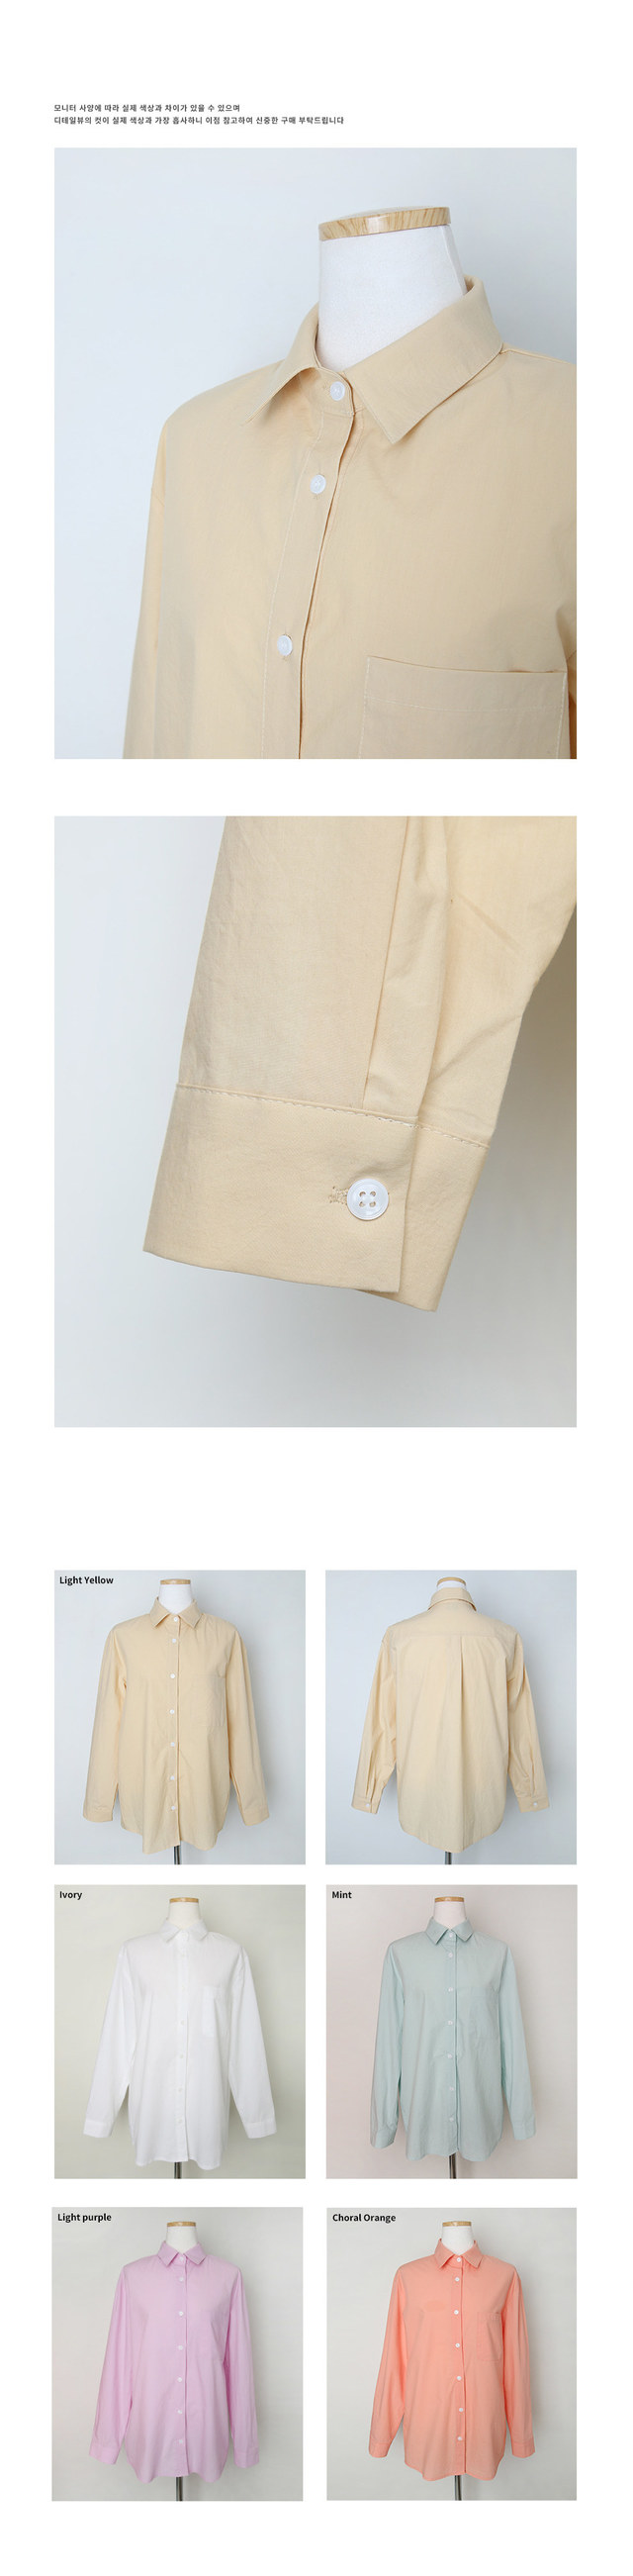 Day plain basic shirt